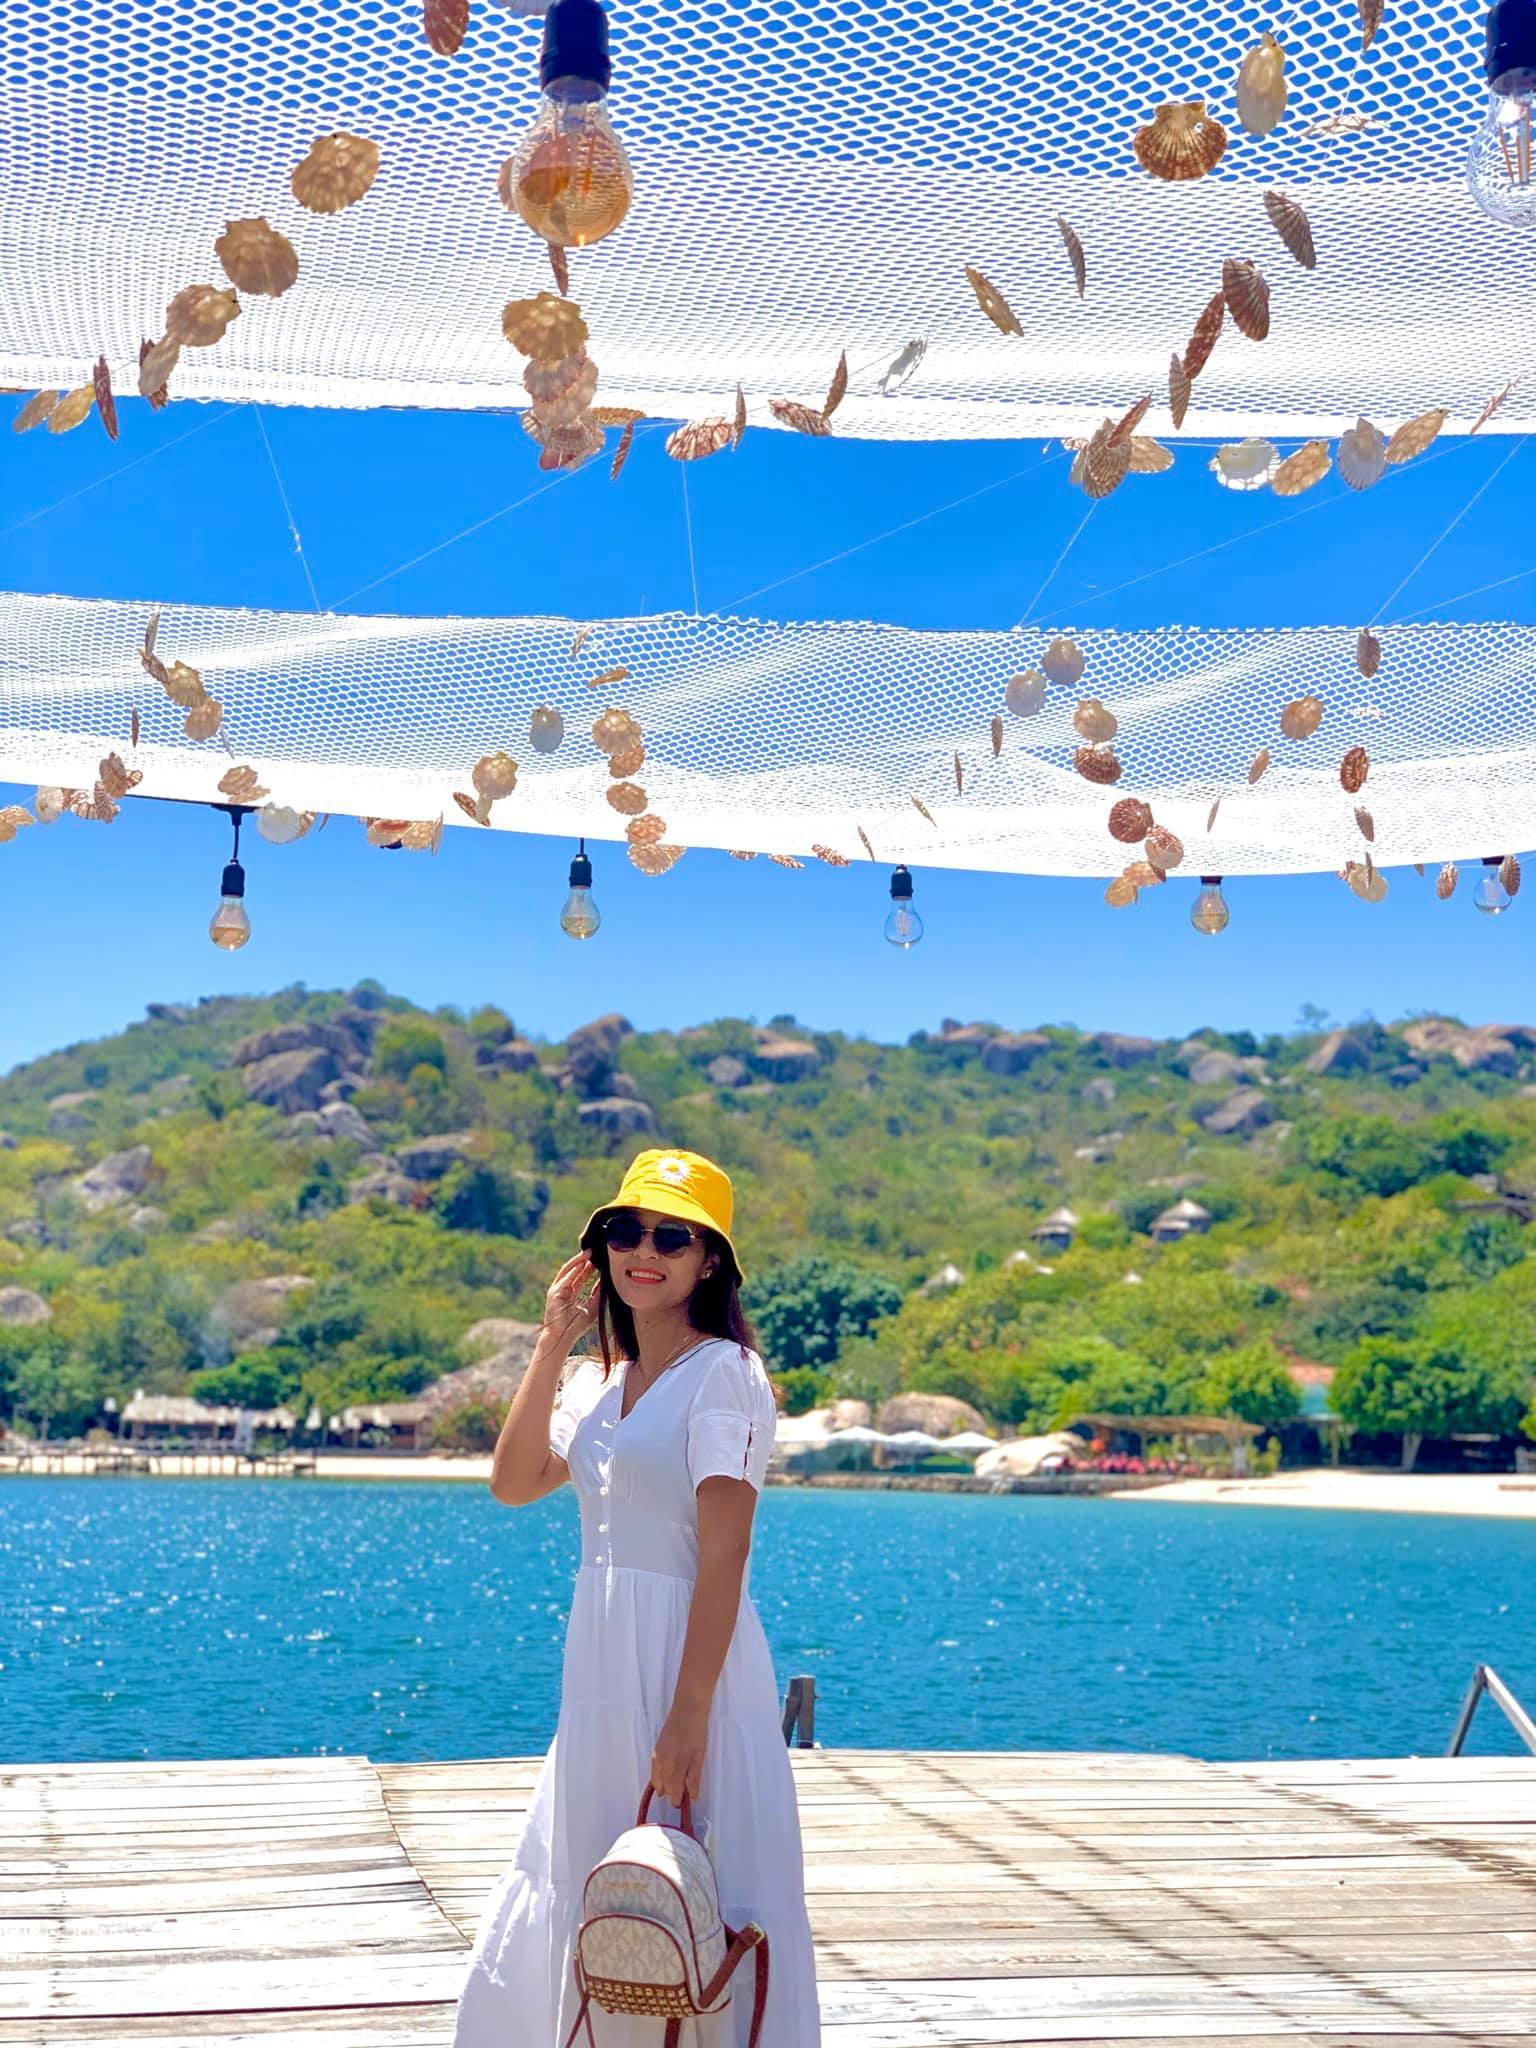 Tour du lịch Nha Trang 1 ngày: Khám phá thiên đường biển đảo với chi phí cực hấp dẫn - Ảnh 9.